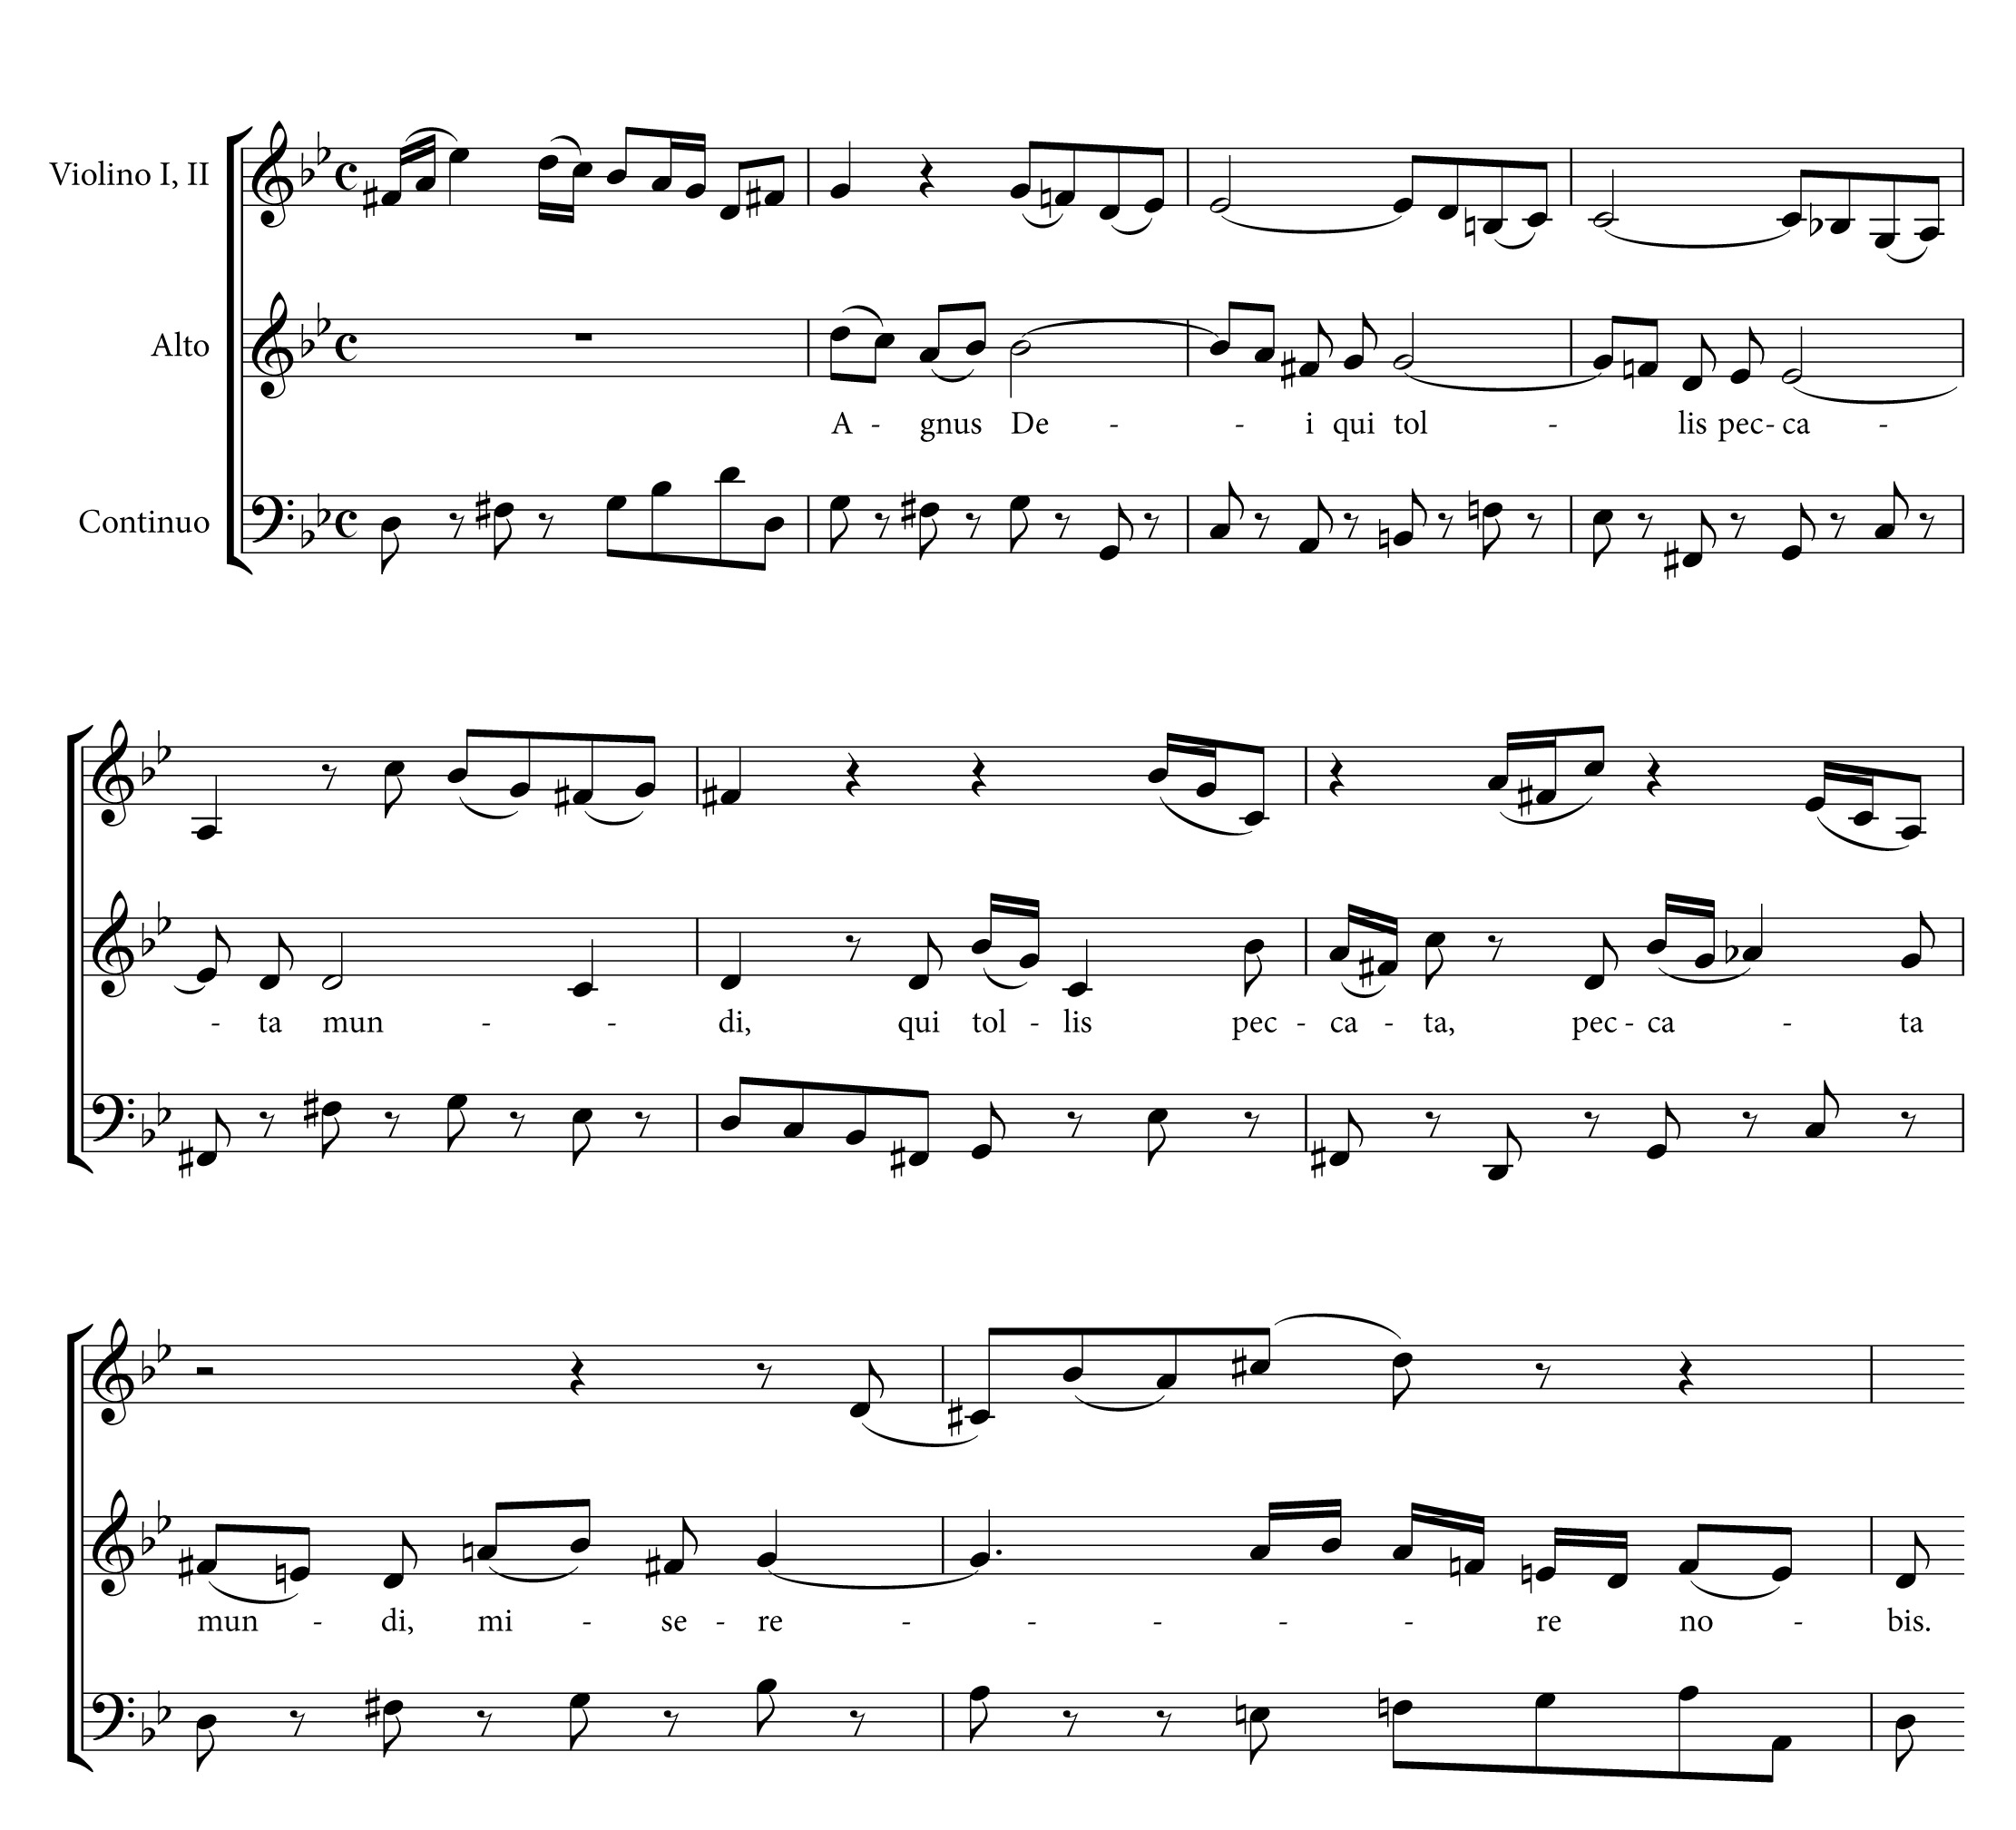 巴赫改編自己的舊作〈噢,我最親愛的,請你留下〉(BWV 11,上圖)成為《B 小調彌撒曲》中的〈羔羊經〉(下圖)。巴赫為〈羔羊經〉寫上新的女低音旋律開句,然後巧妙地接上舊作的旋律。